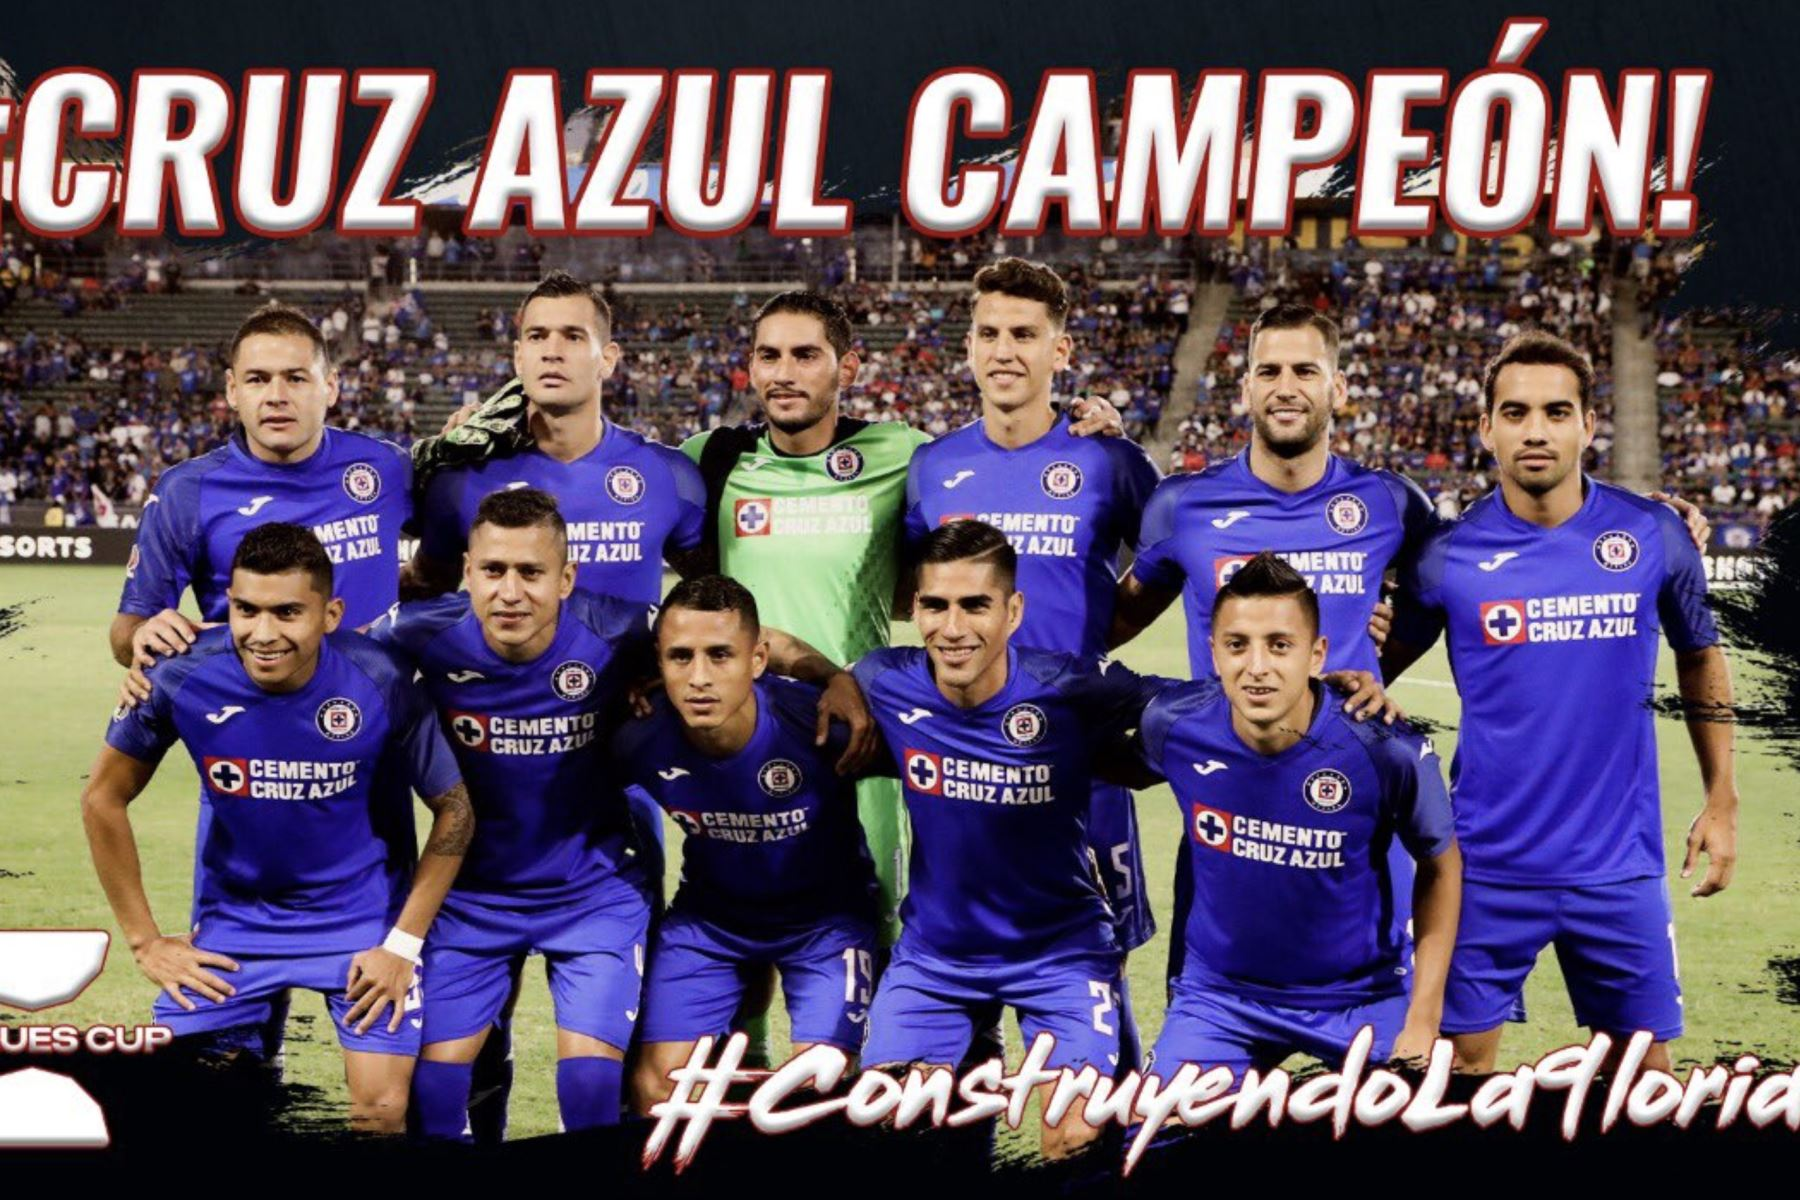 Yotún anota gol y es campeón con el Cruz Azul de México